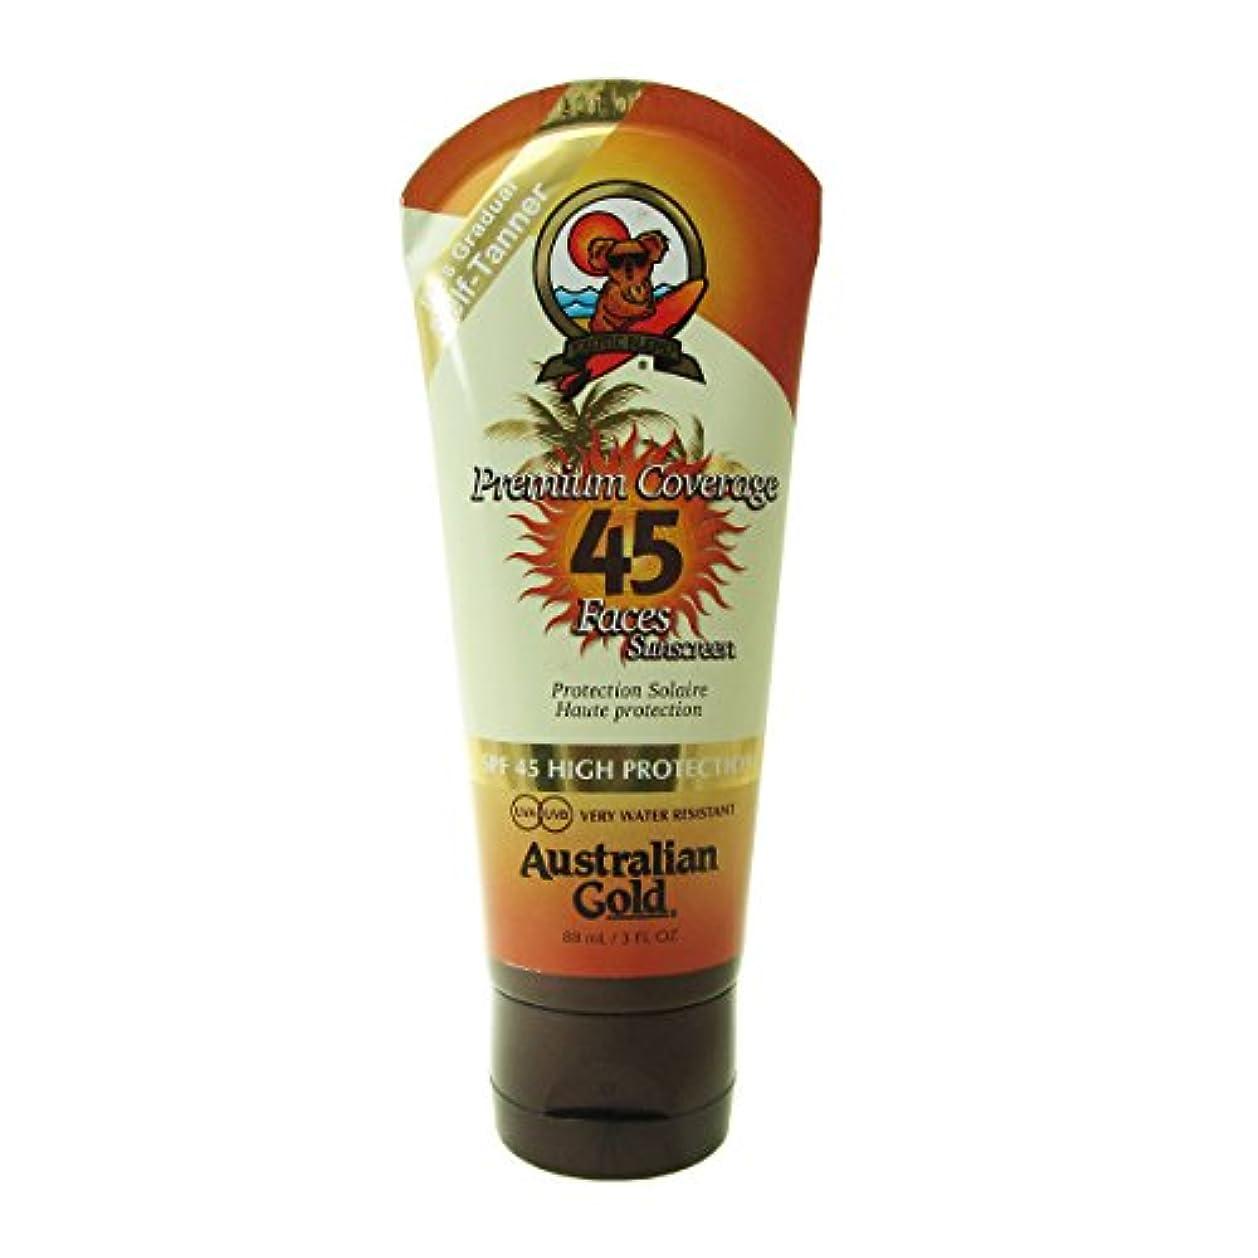 成果出版キャストAustralian Gold Sunscreen Spf 45 With Self-tanner 88ml [並行輸入品]